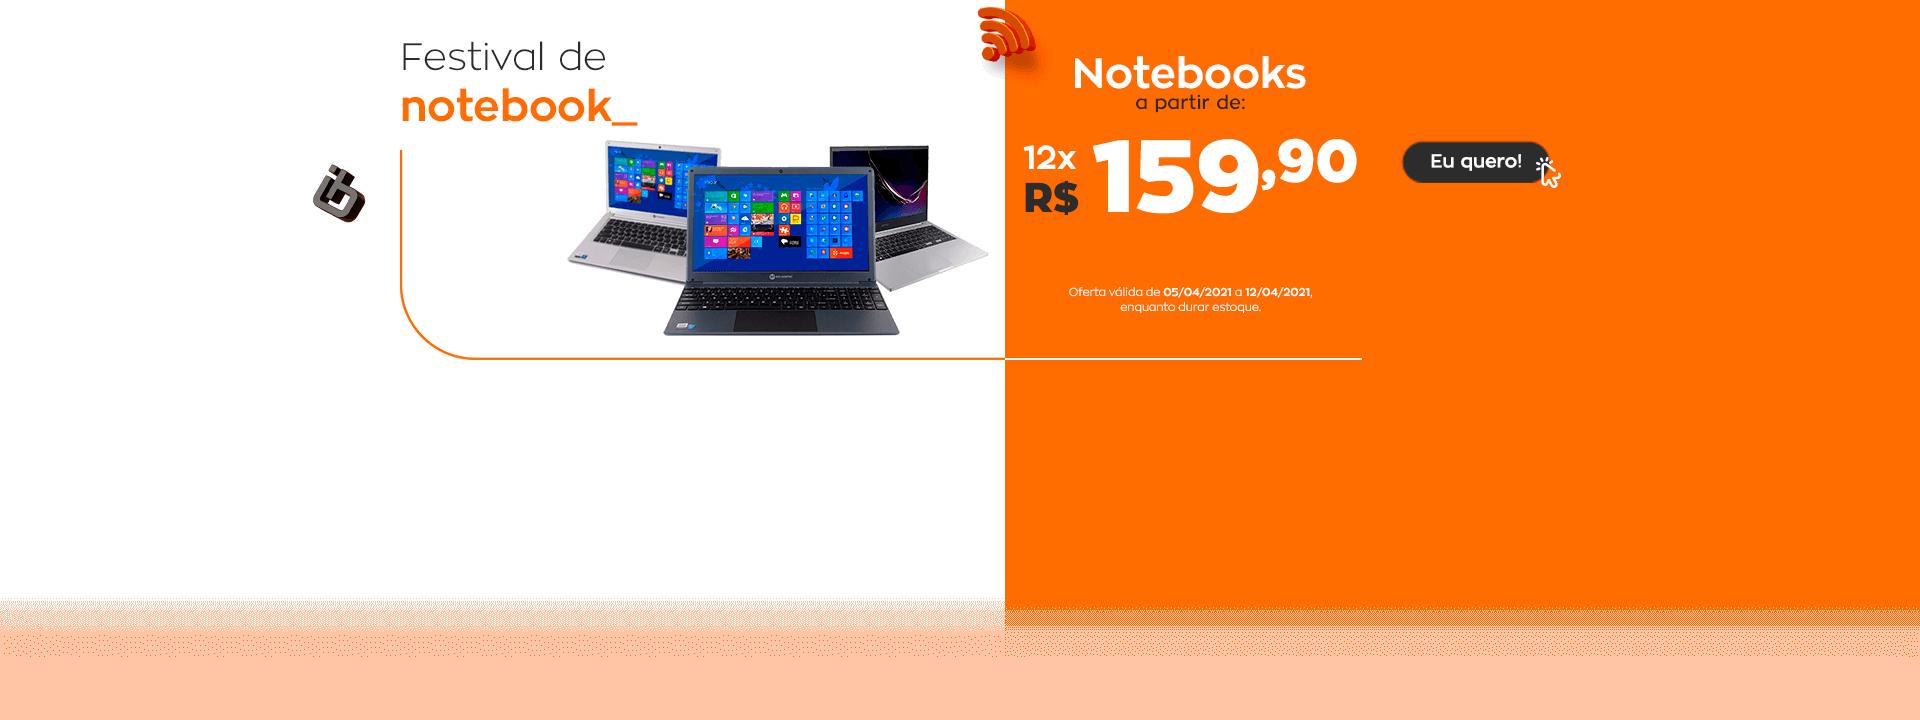 notebooks - ofertas encarte